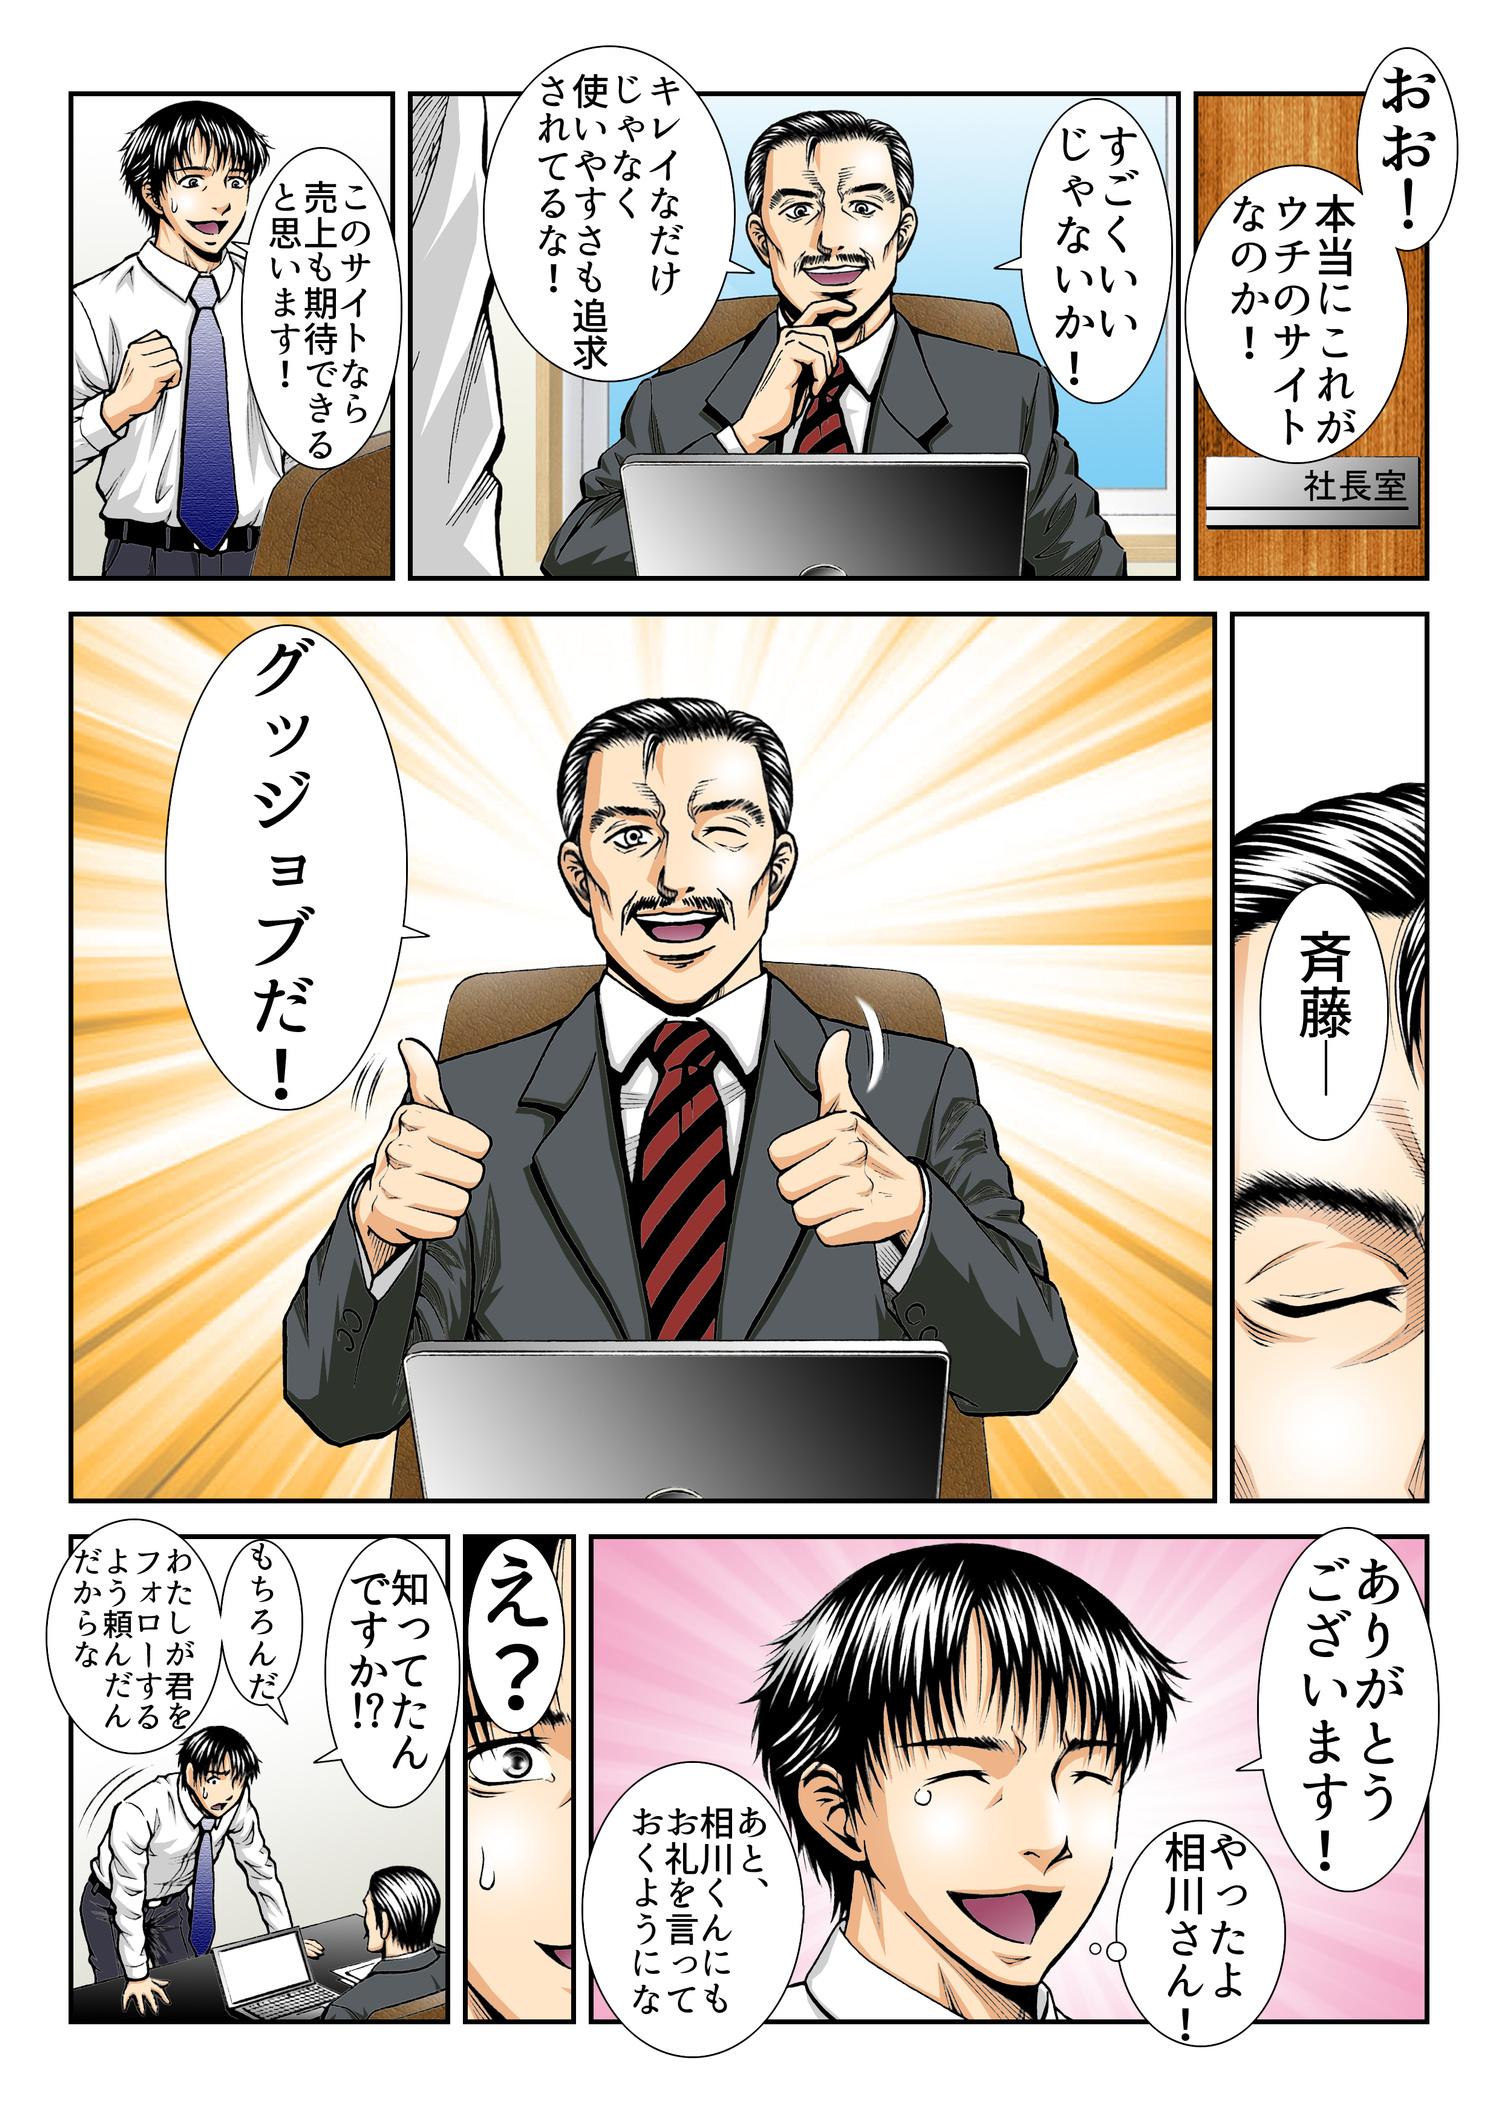 構築後のサイトを見た社長の売上効果も期待できると大満足な様子に安心する斉藤さん。